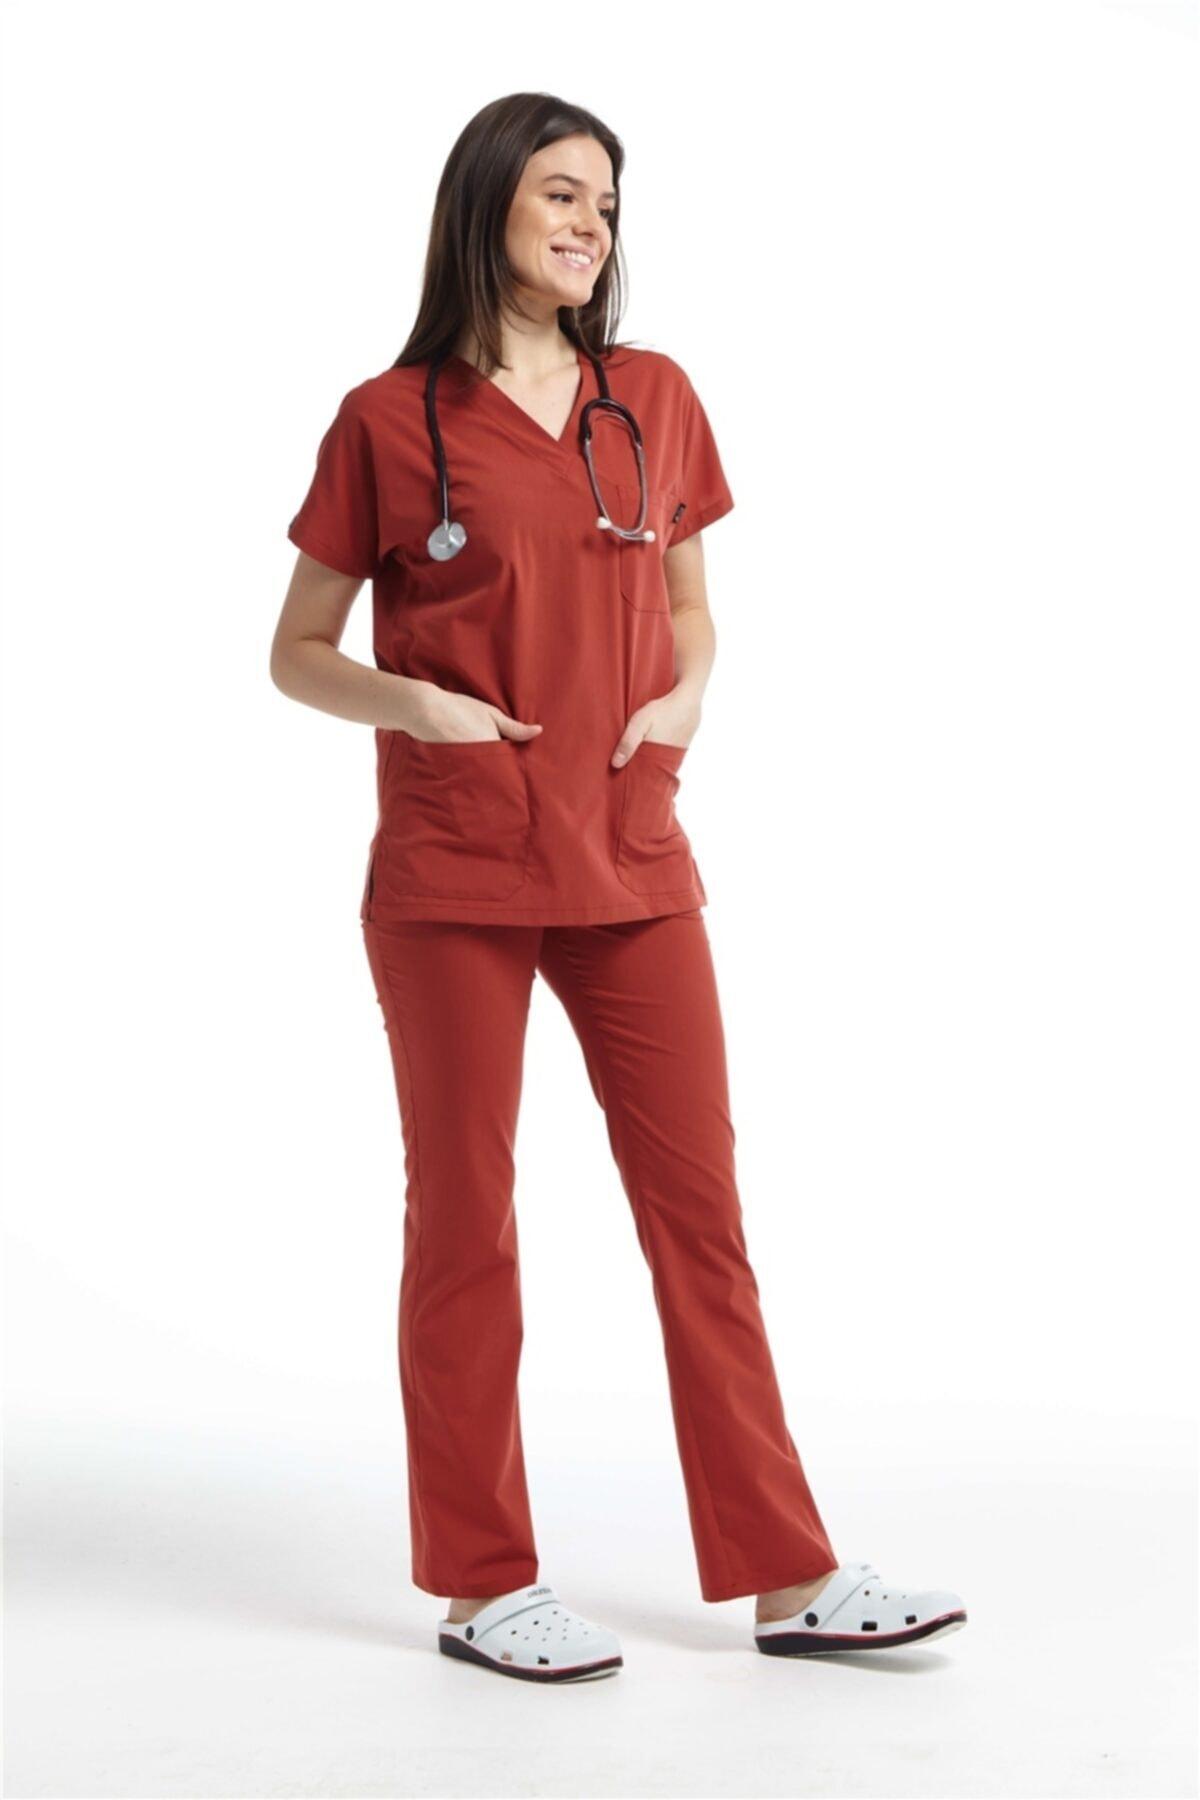 Ultralycra Spaniard - Doktor Hemşire Forma Takımı (KADIN), Kiremit